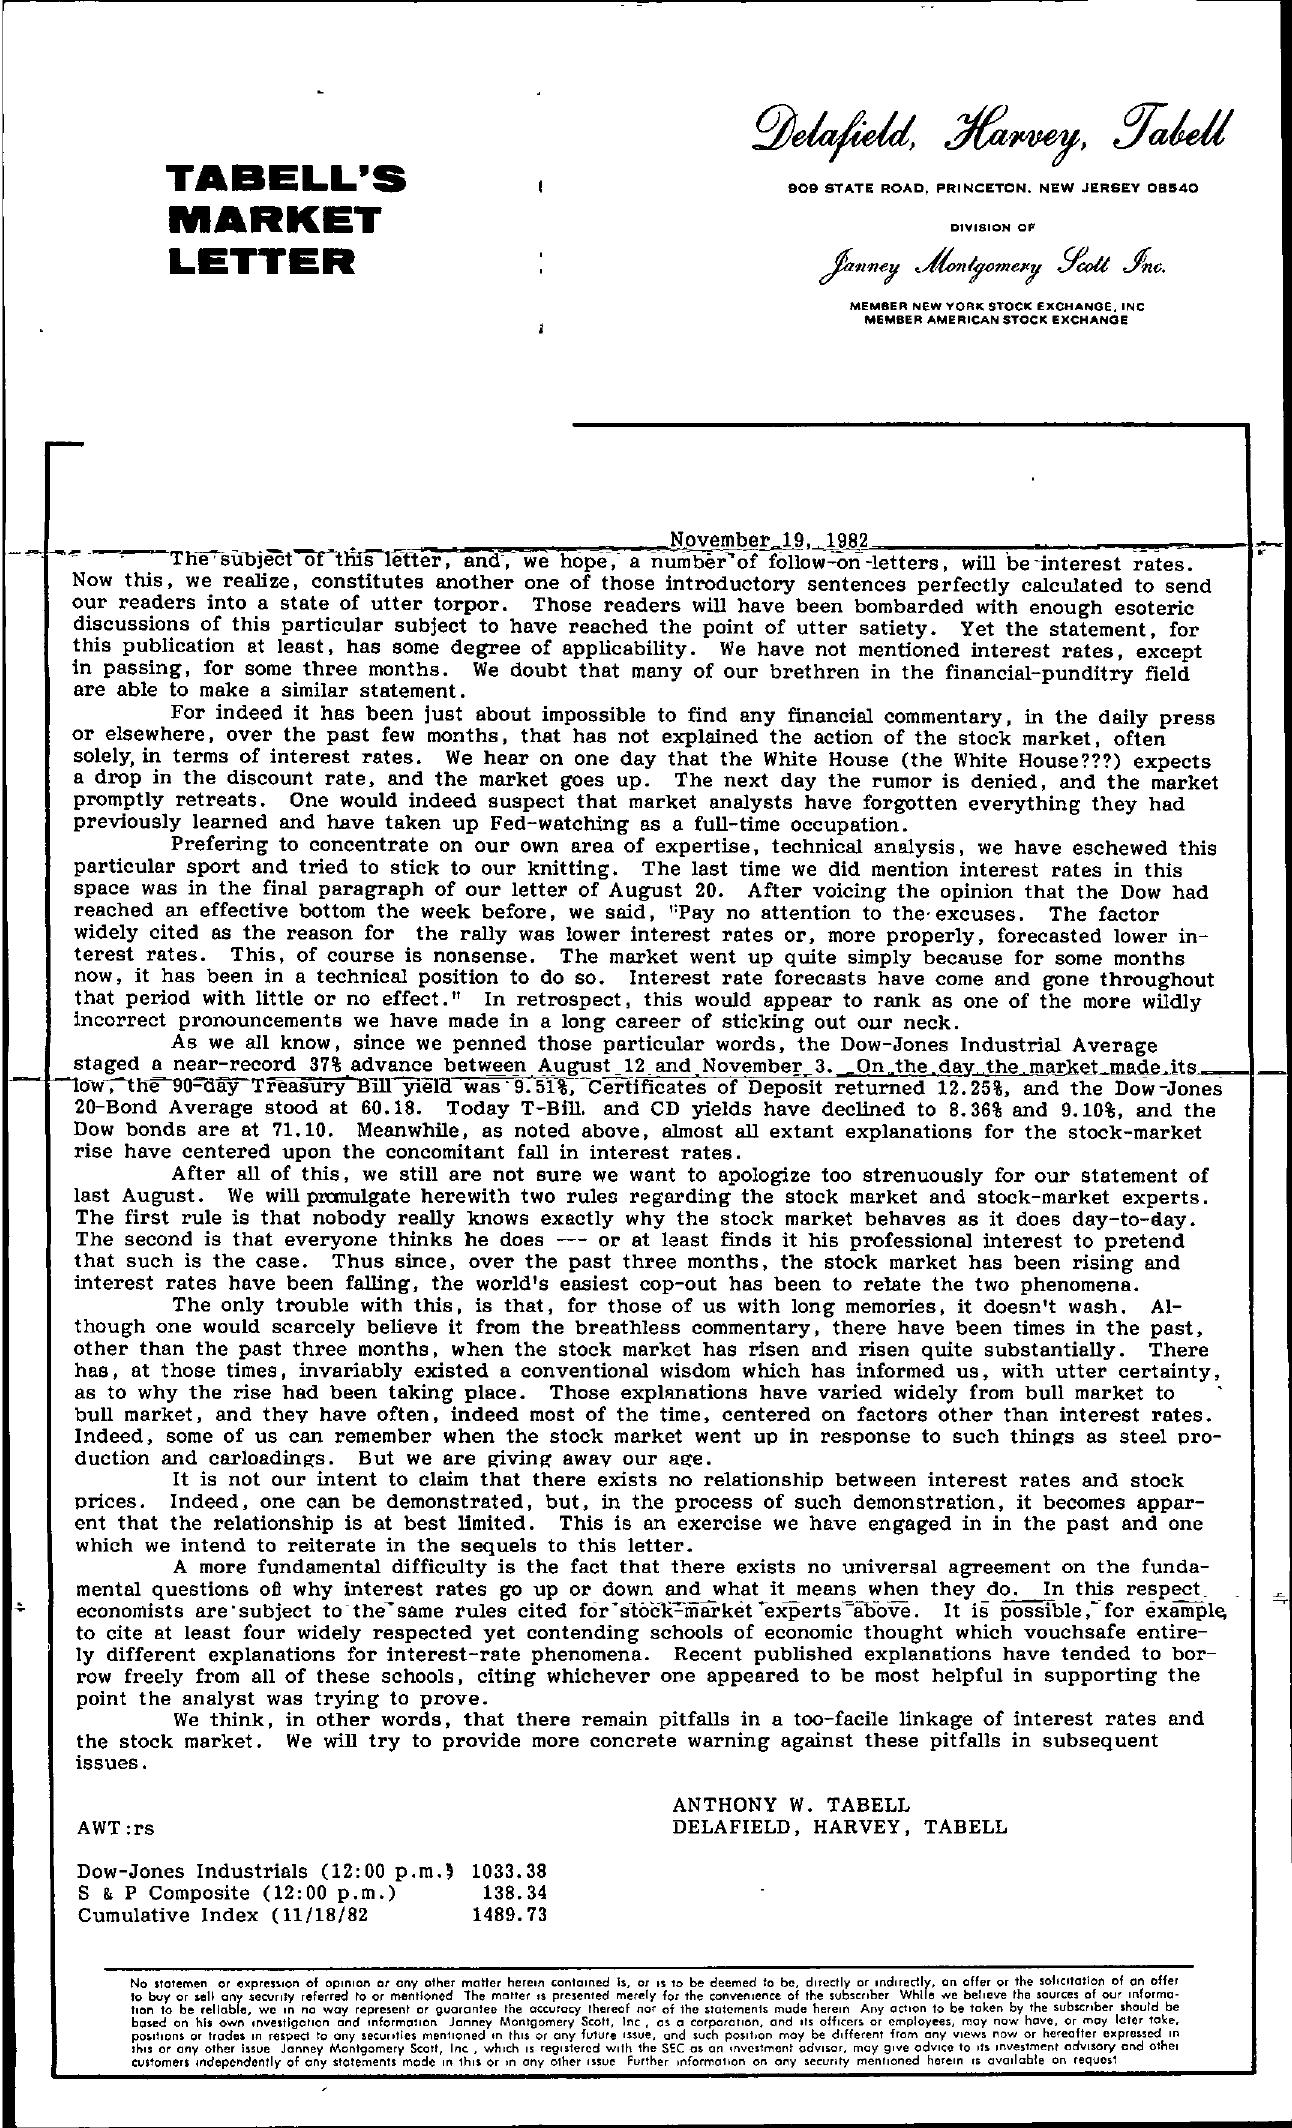 Tabell's Market Letter - November 19, 1982